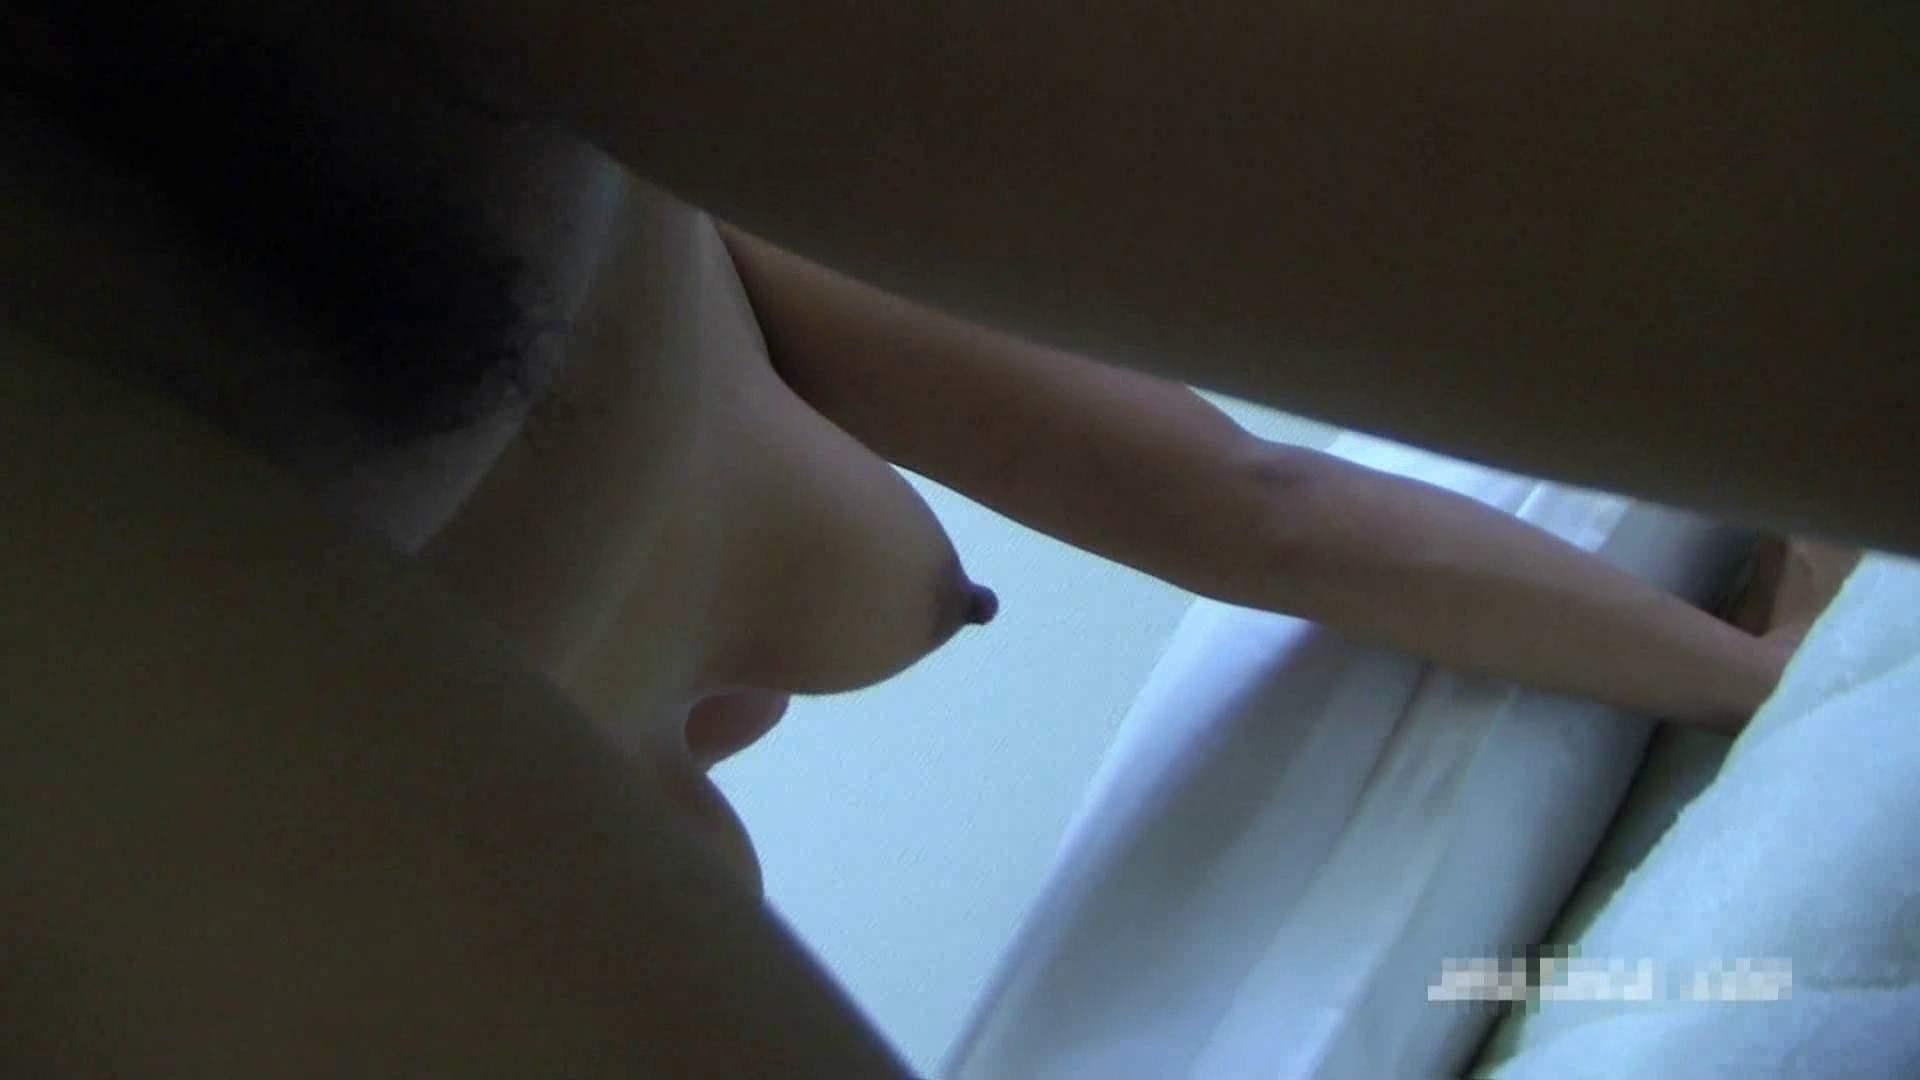 デリへル嬢のみかちゃん23歳vol.4 OL裸体   ギャルの乳首  110画像 70